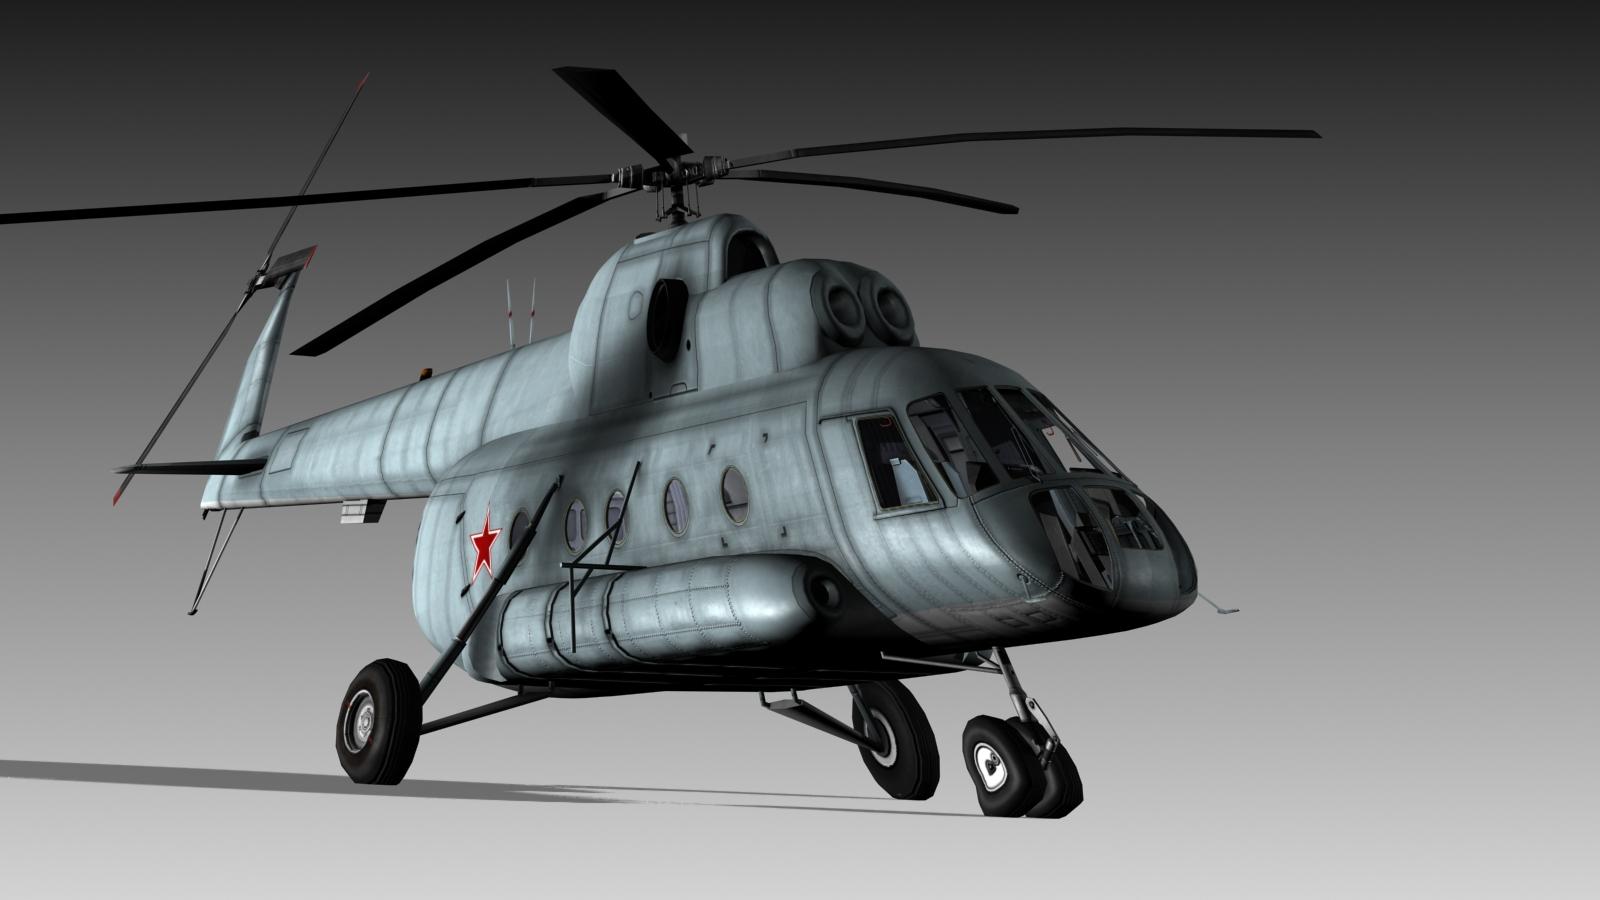 Hélico de transport Mil Mi-8 'hip' Mil-8_23